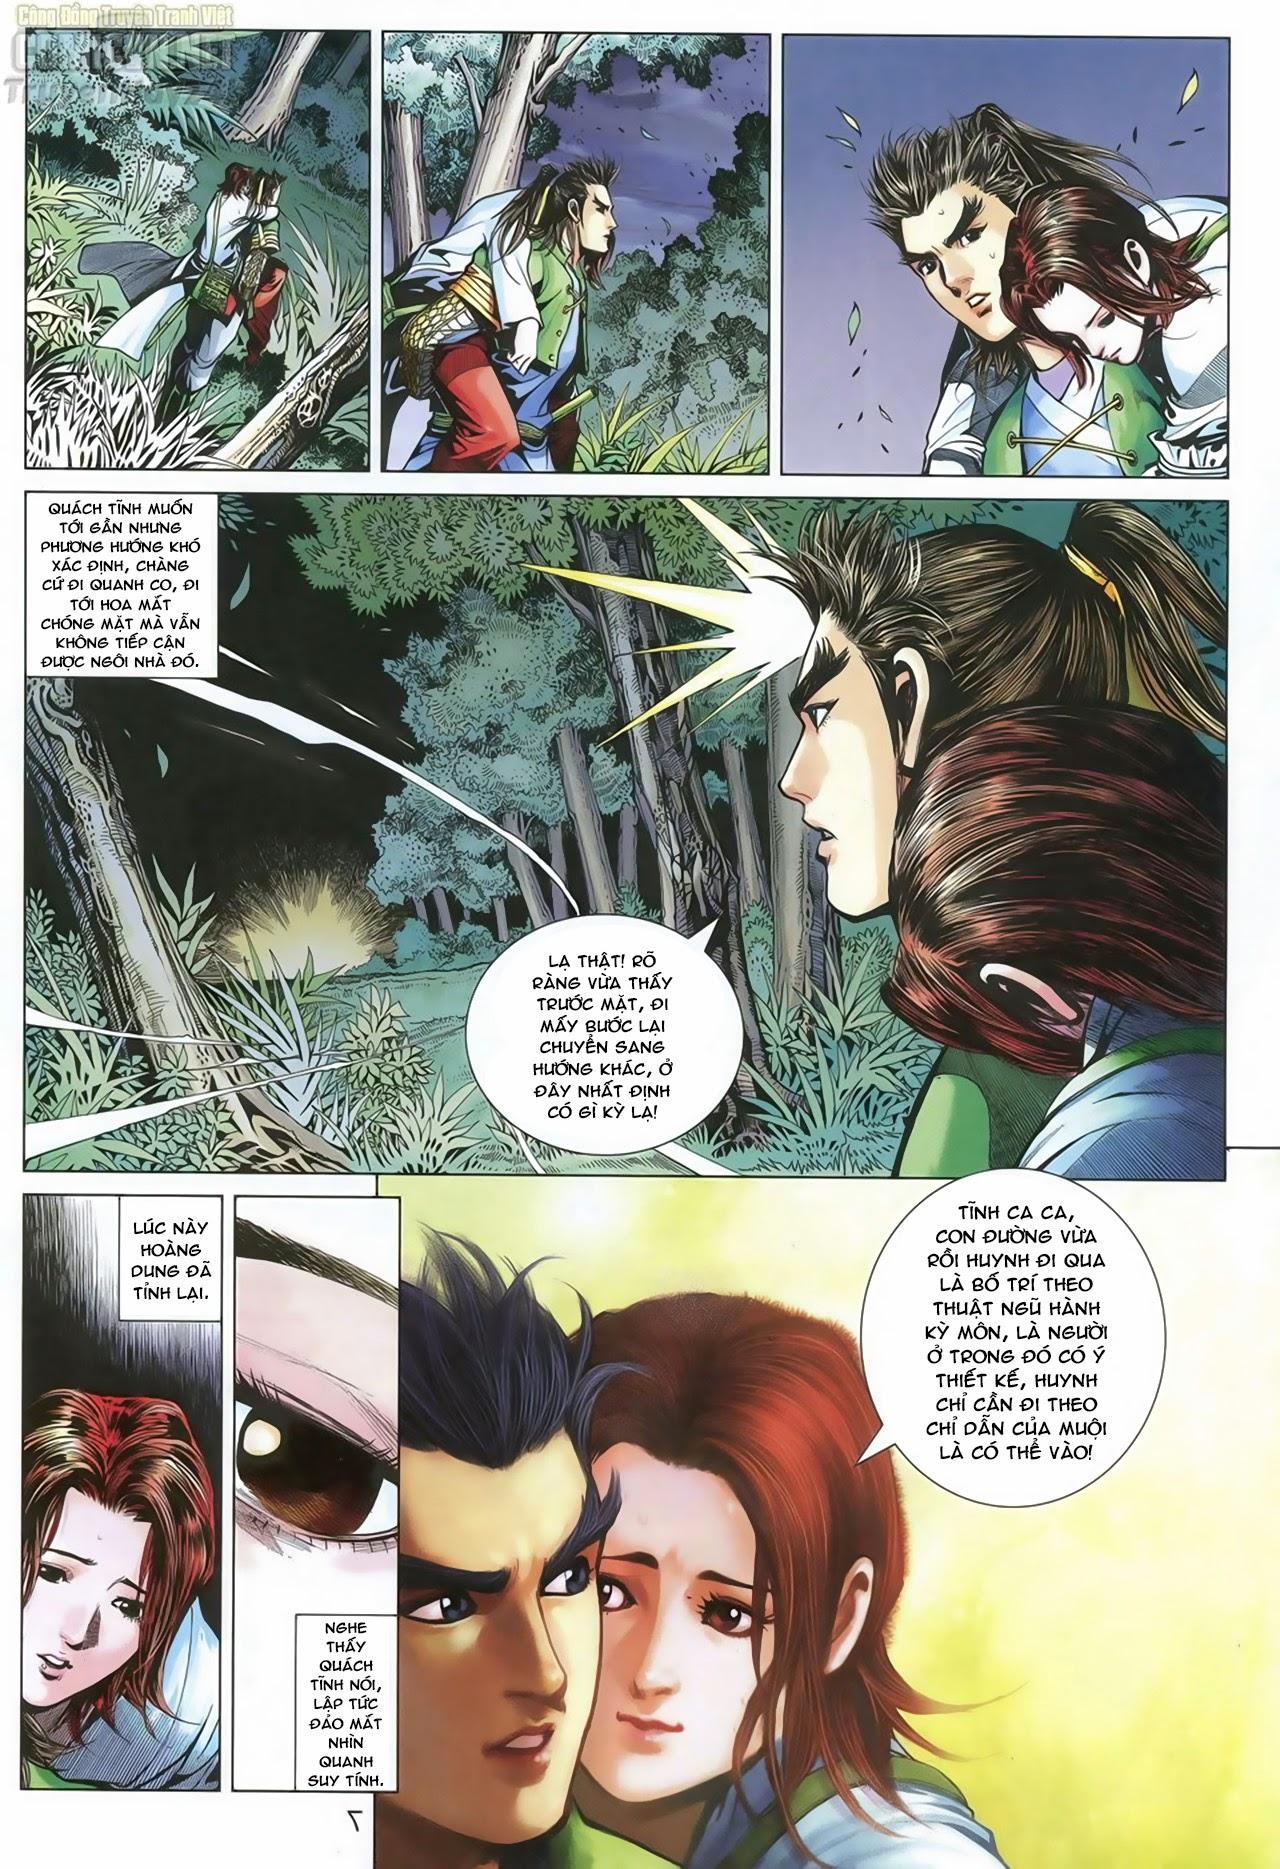 Anh Hùng Xạ Điêu anh hùng xạ đêu chap 70: hắc chiểu ẩn nữ trang 8